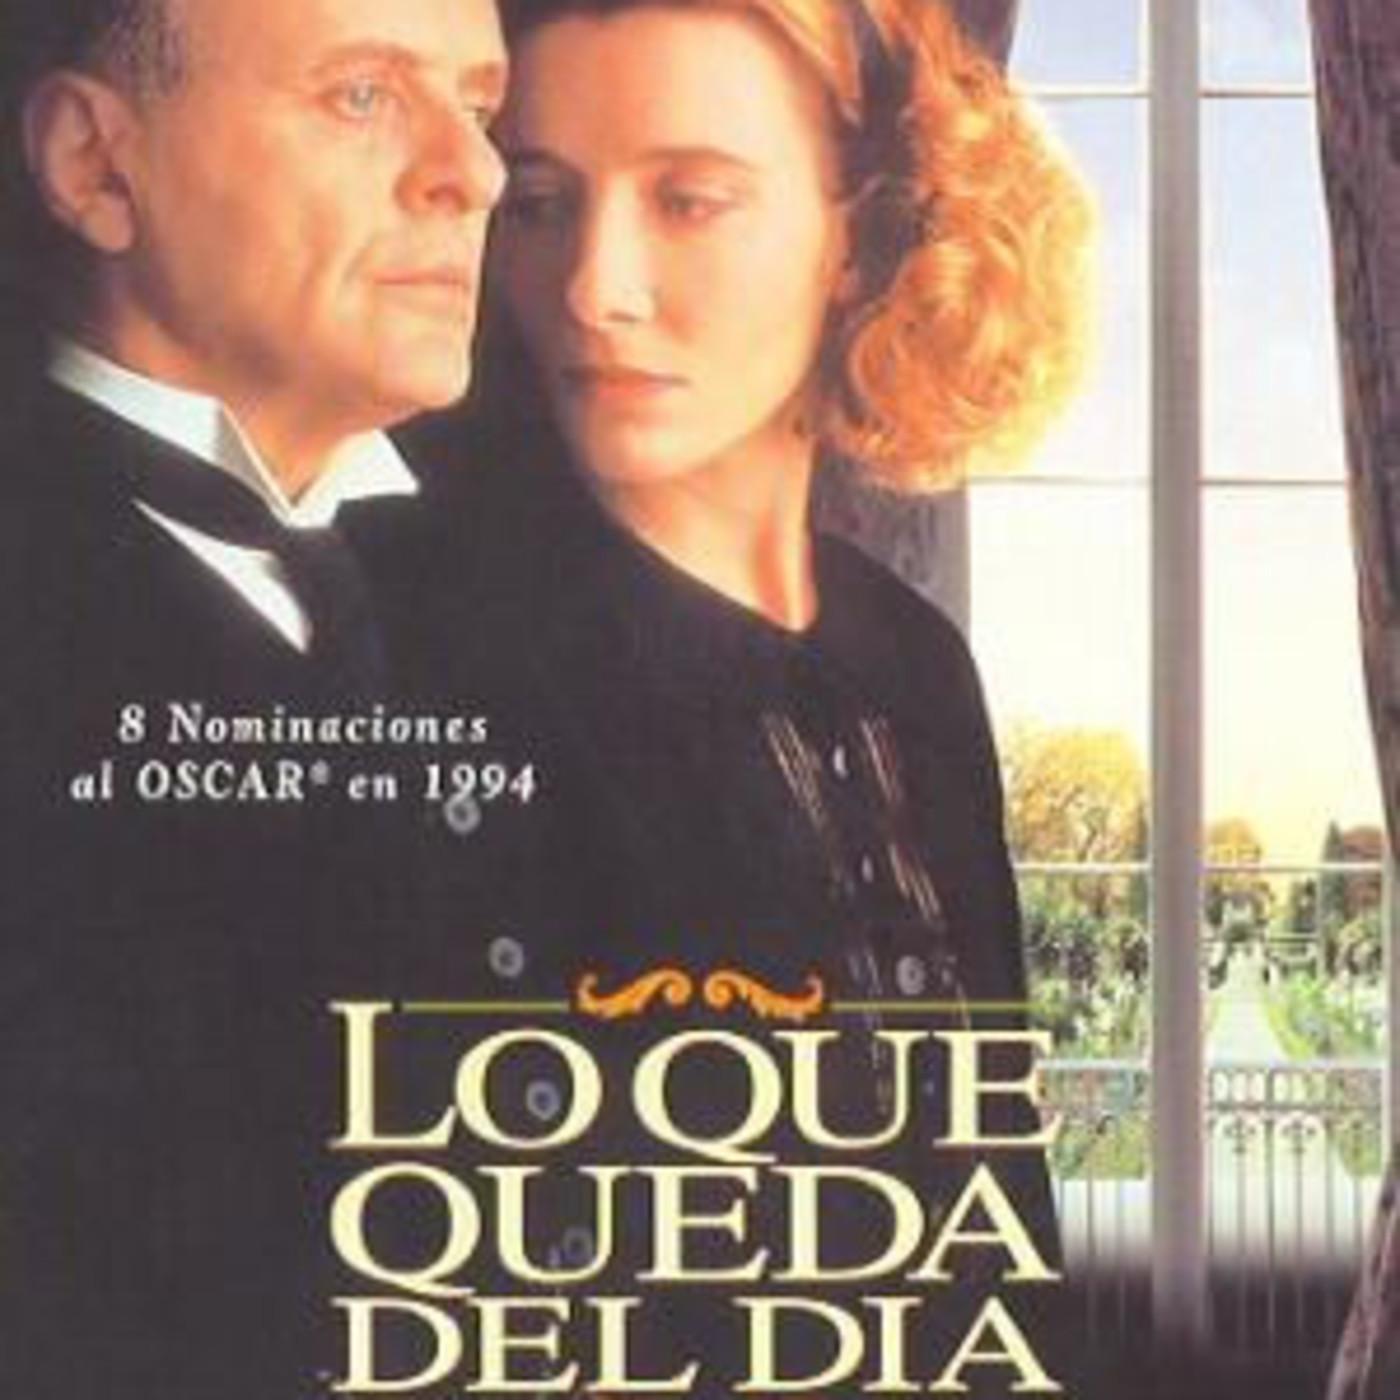 Lo Que Queda Del Día 1993 En Audio De Películas No Audesc En Mp3 20 11 A Las 12 25 44 02 08 45 22171232 Ivoox